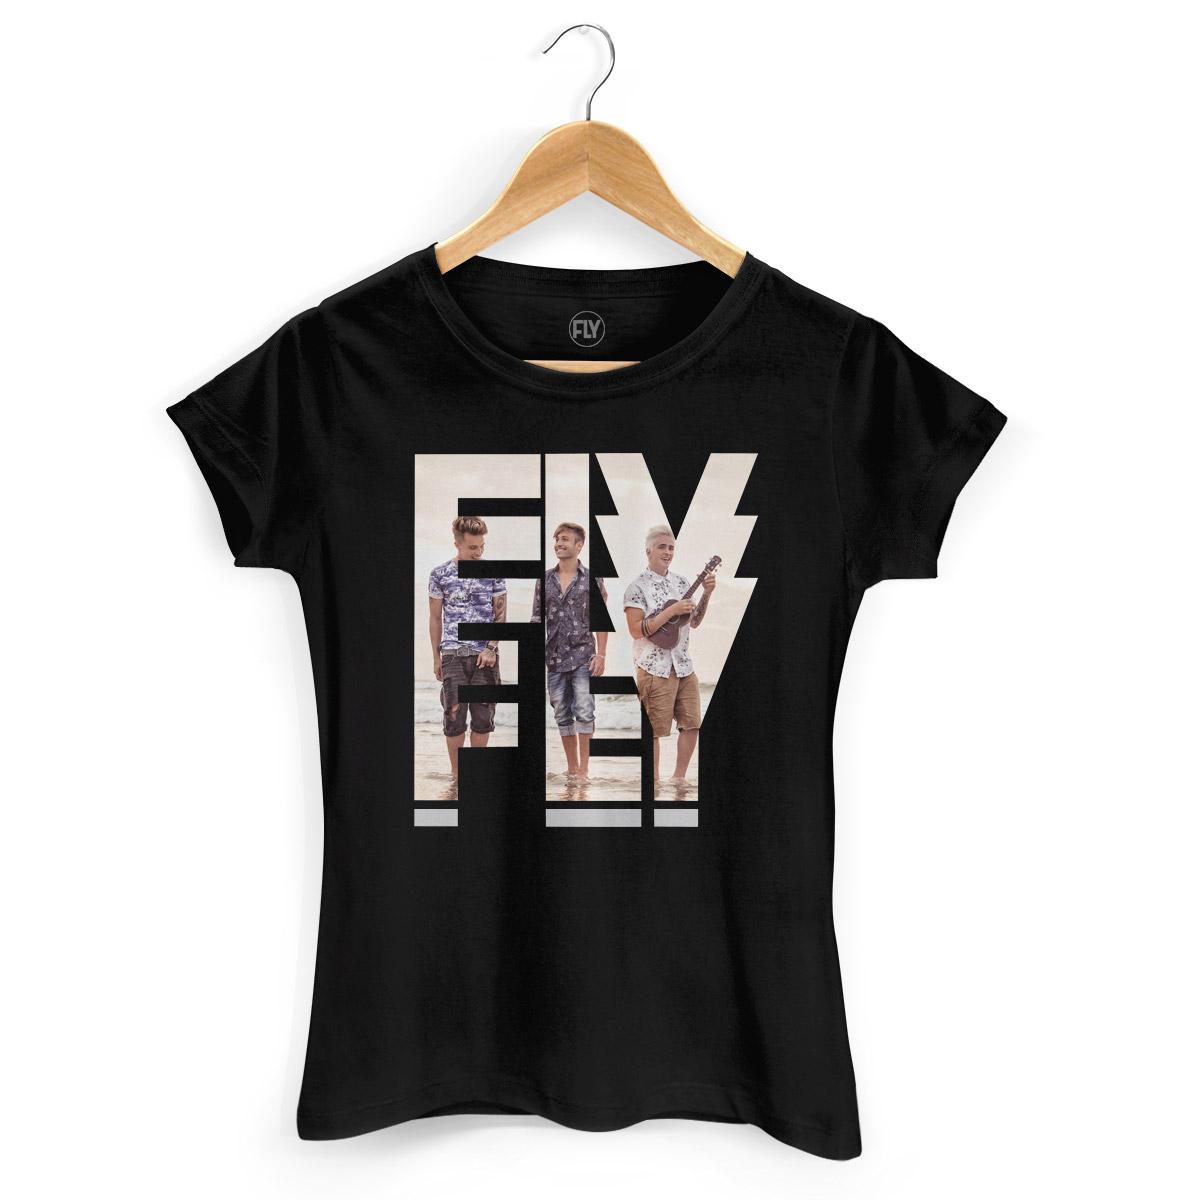 Camiseta Feminina Banda Fly Logo Foto  - bandUP Store Marketplace